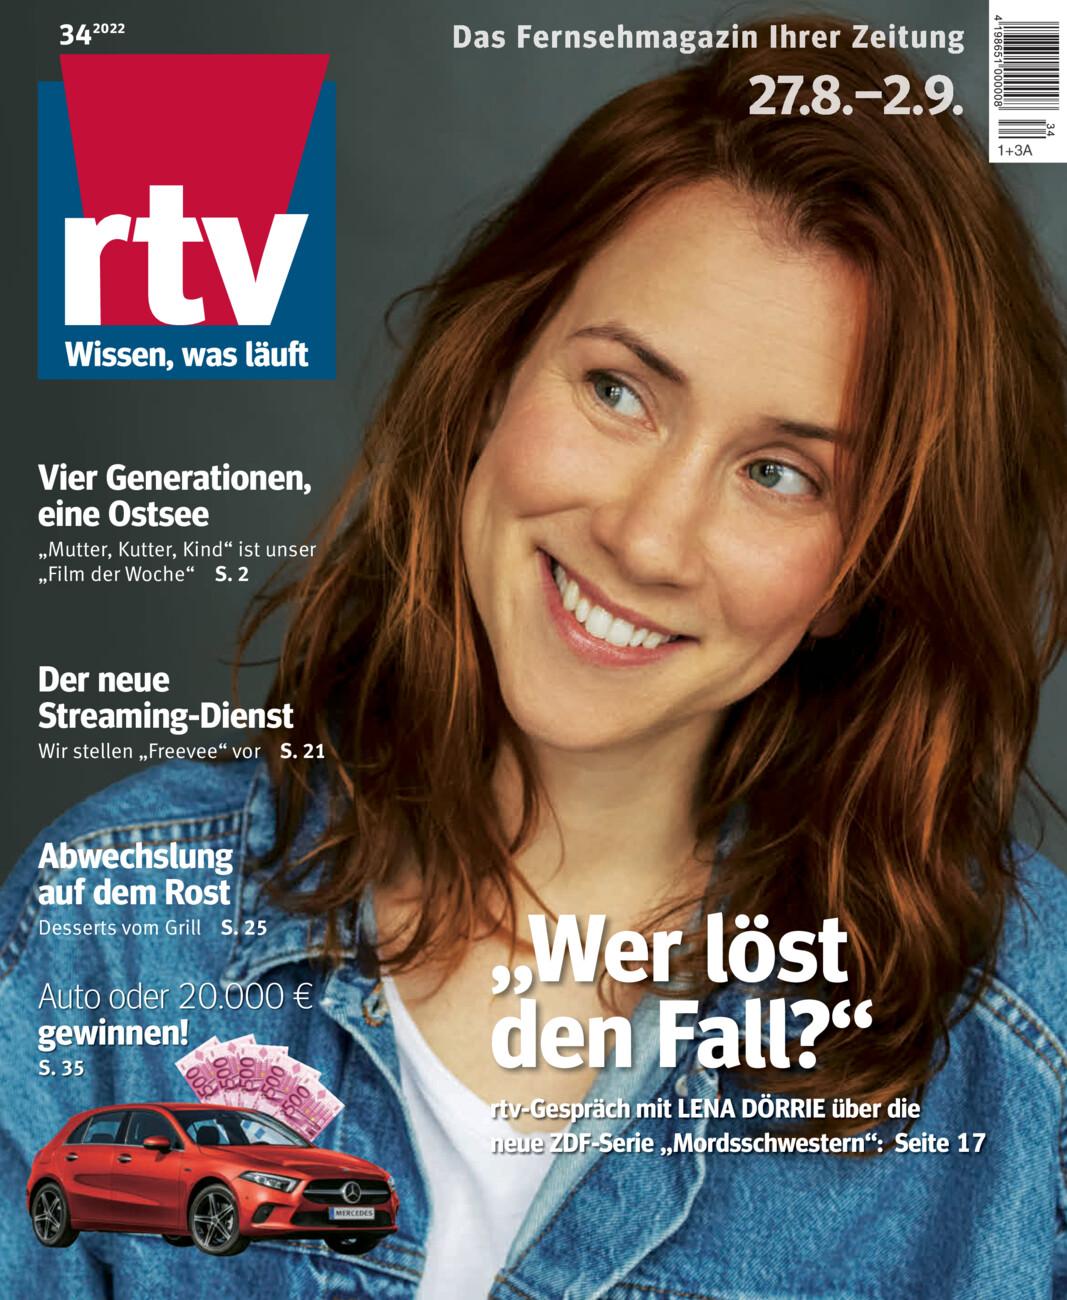 RTV 24.08. - 30.08. vom Dienstag, 20.08.2019